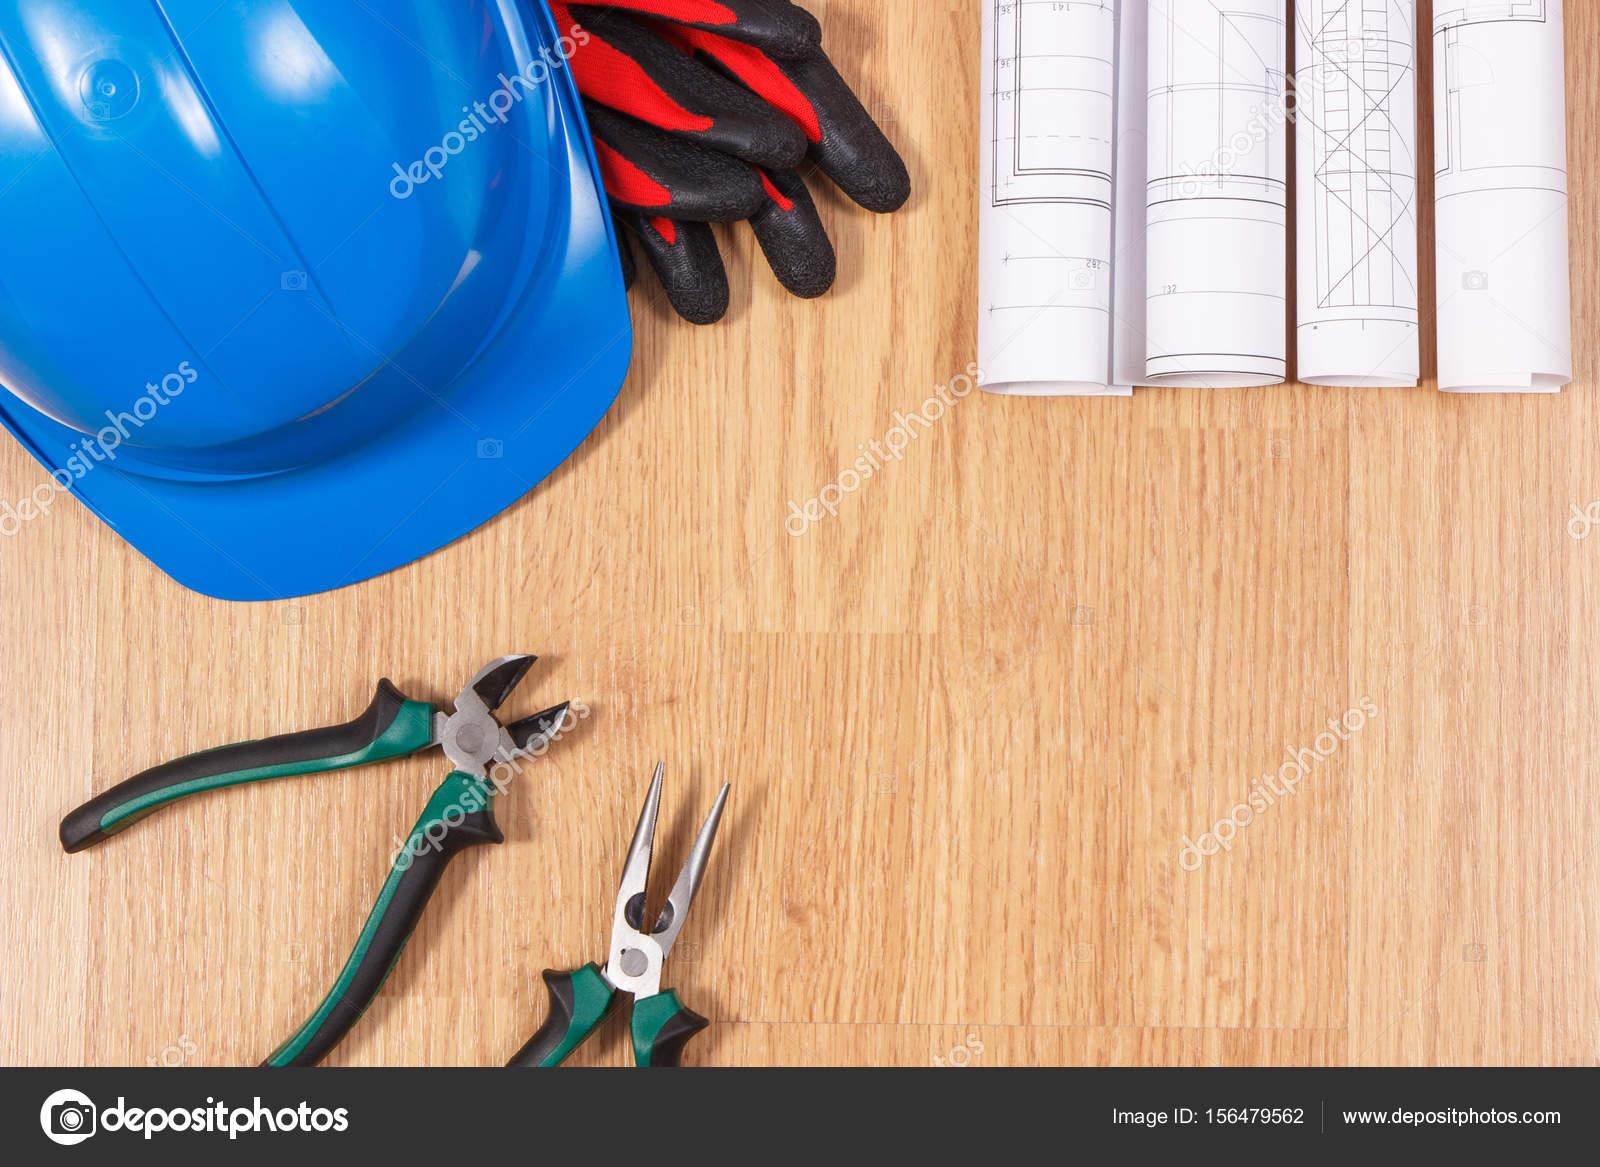 c2851072920d2 Rouleaux de diagrammes et dessins de construction électrique, casque de protection  bleu avec des gants et une pince métallique, accessoires pour les travaux  ...